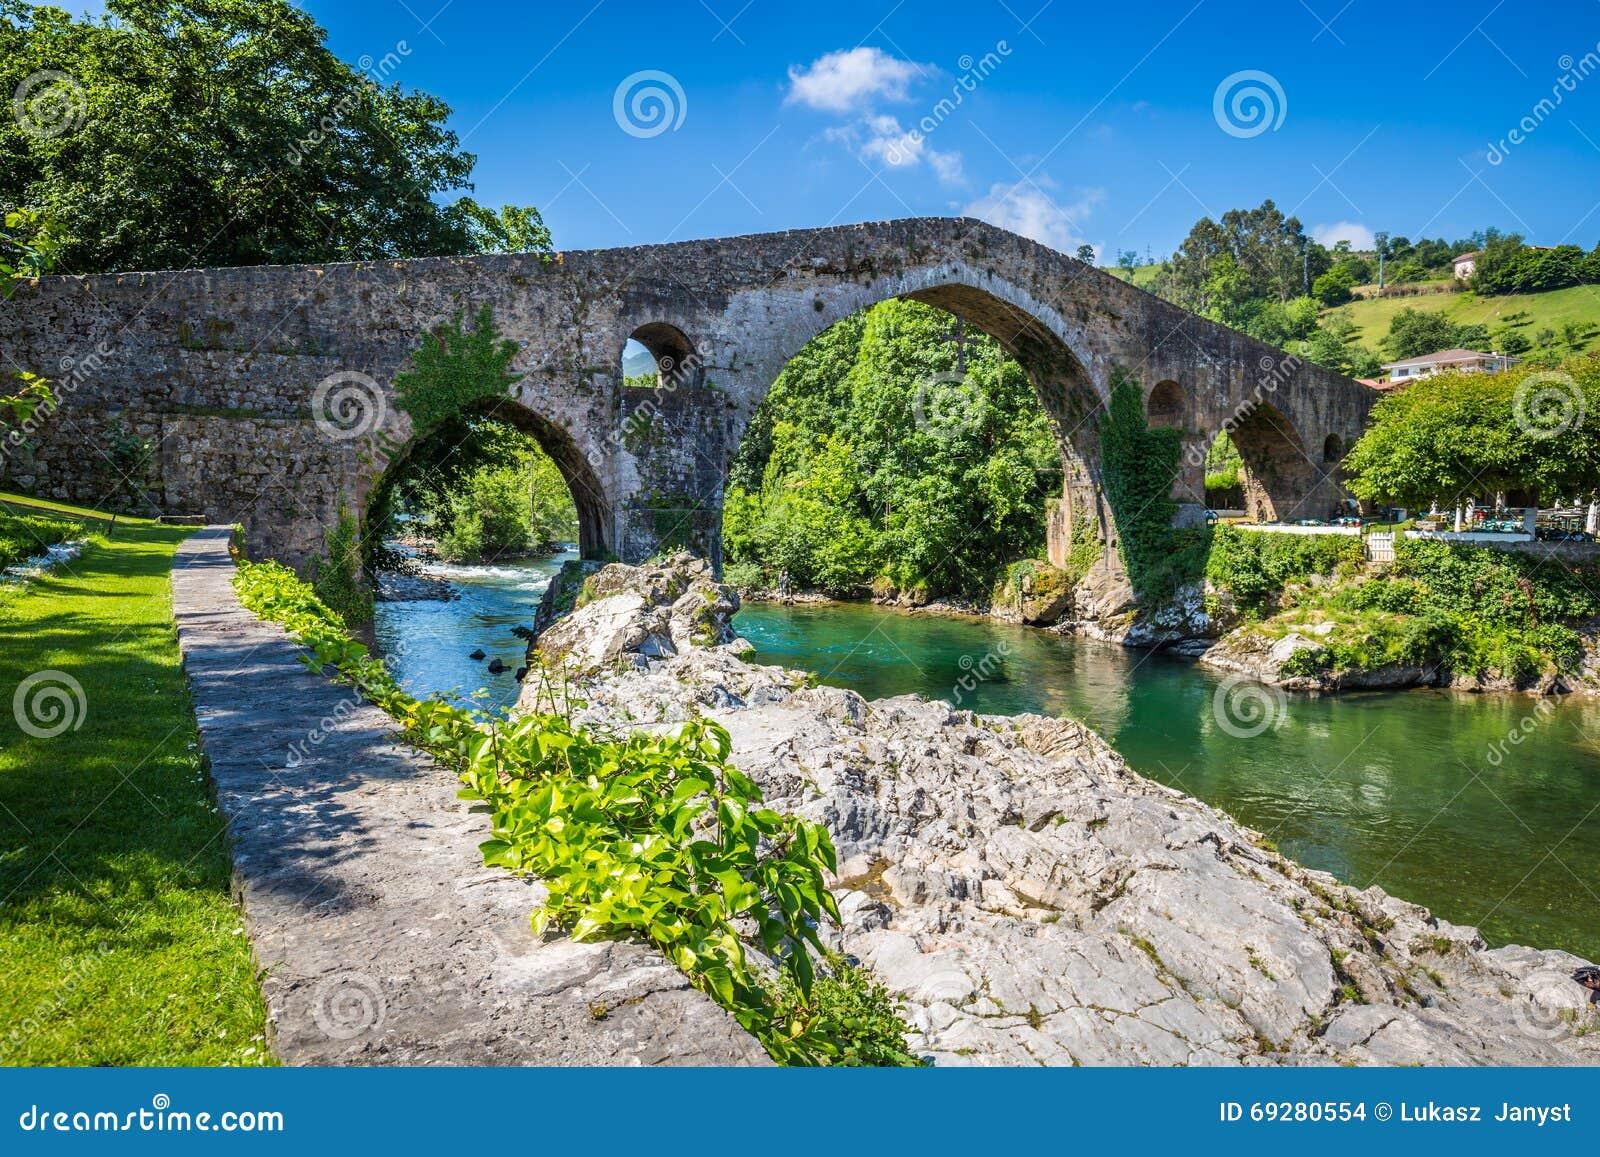 Alte römische Steinbrücke in Cangas de Onis (Asturien), Spanien